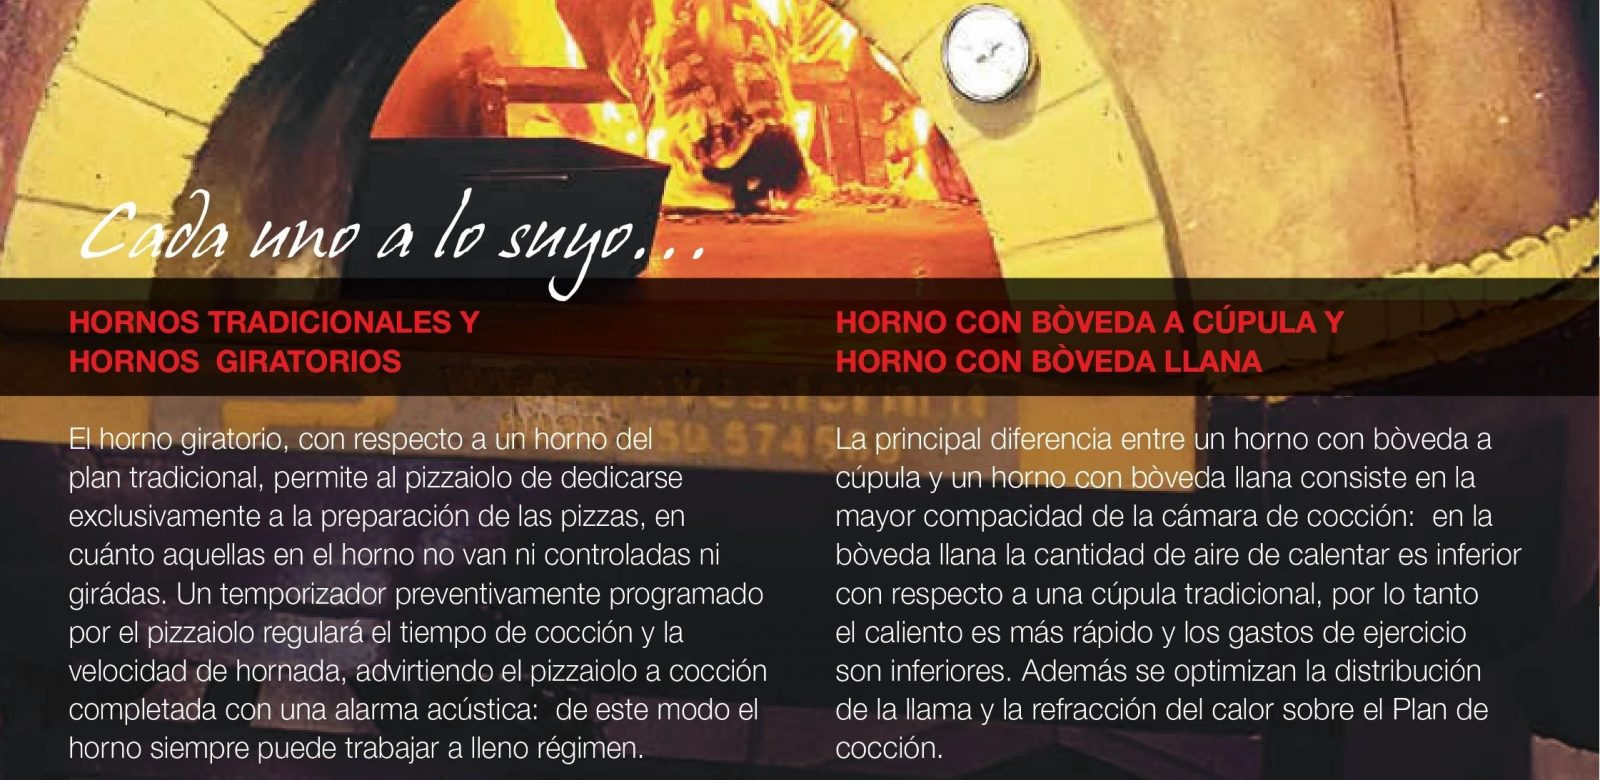 Hornos Pavesi tradicionales y hornos giratorios Codama en España